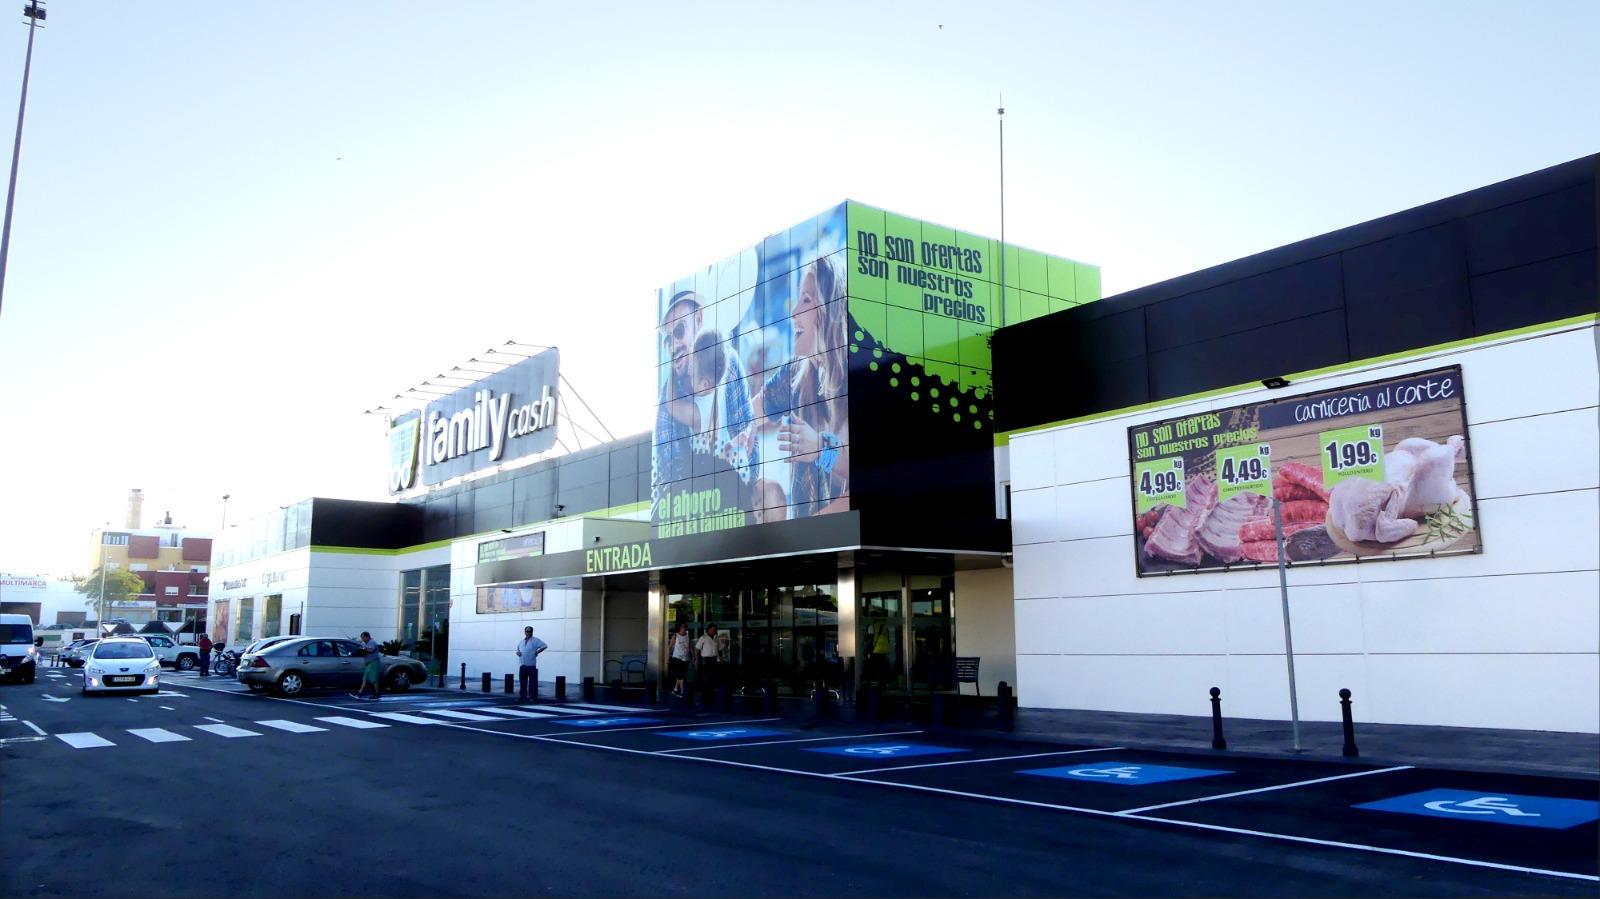 Apertura de Family Cash Morón de la Frontera en Sevilla